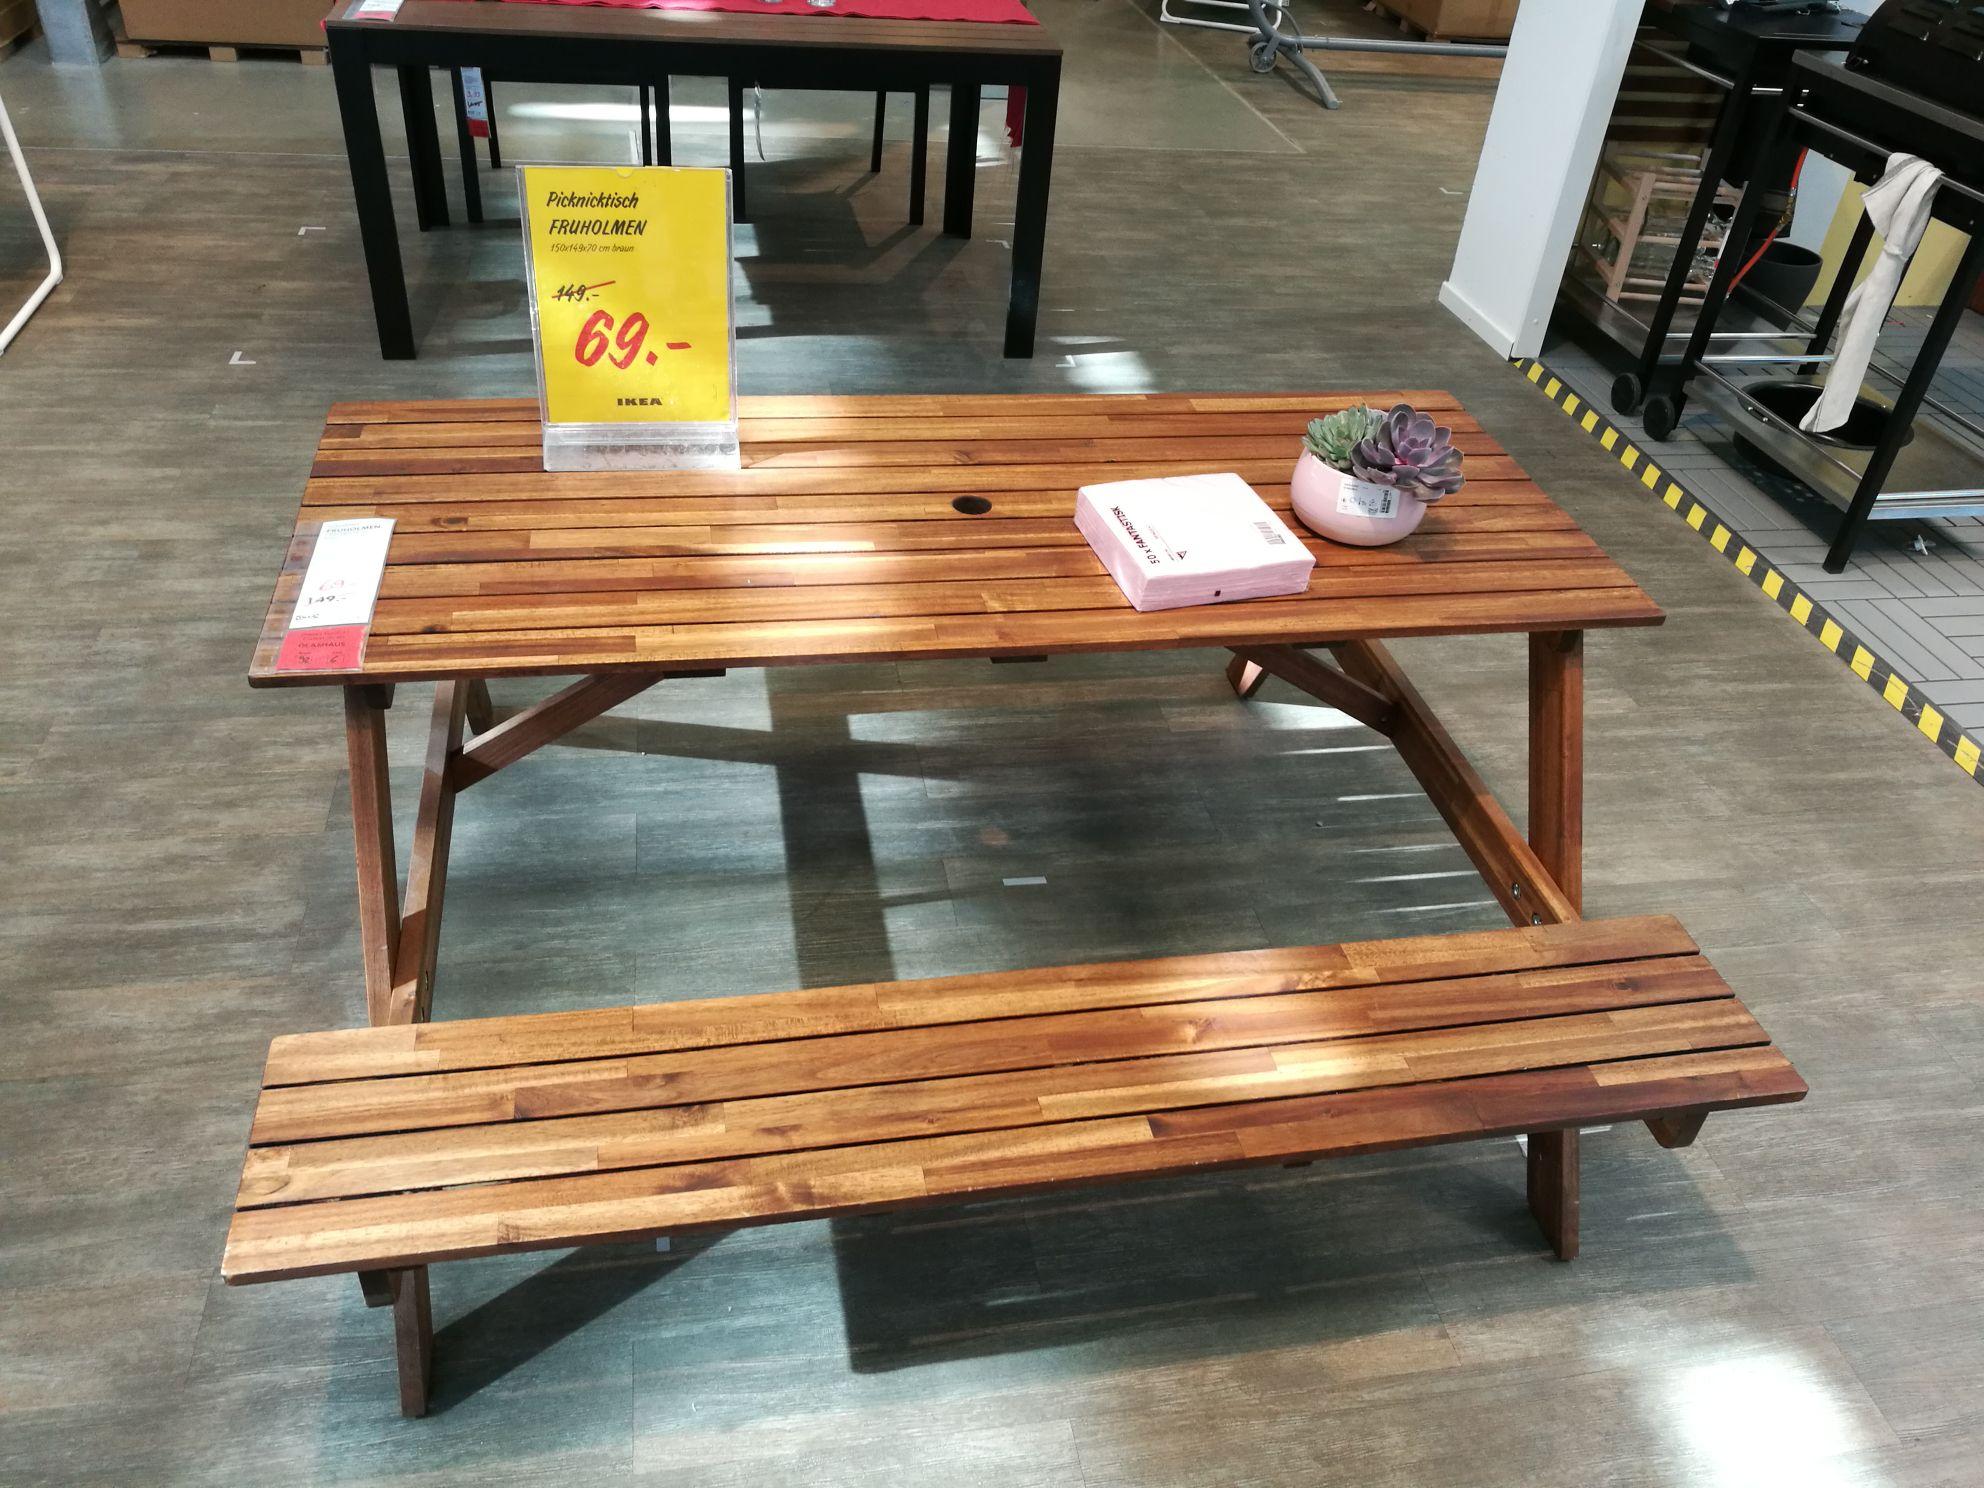 Picknicktisch Fruholmen von Ikea 69 € deutschlandweit